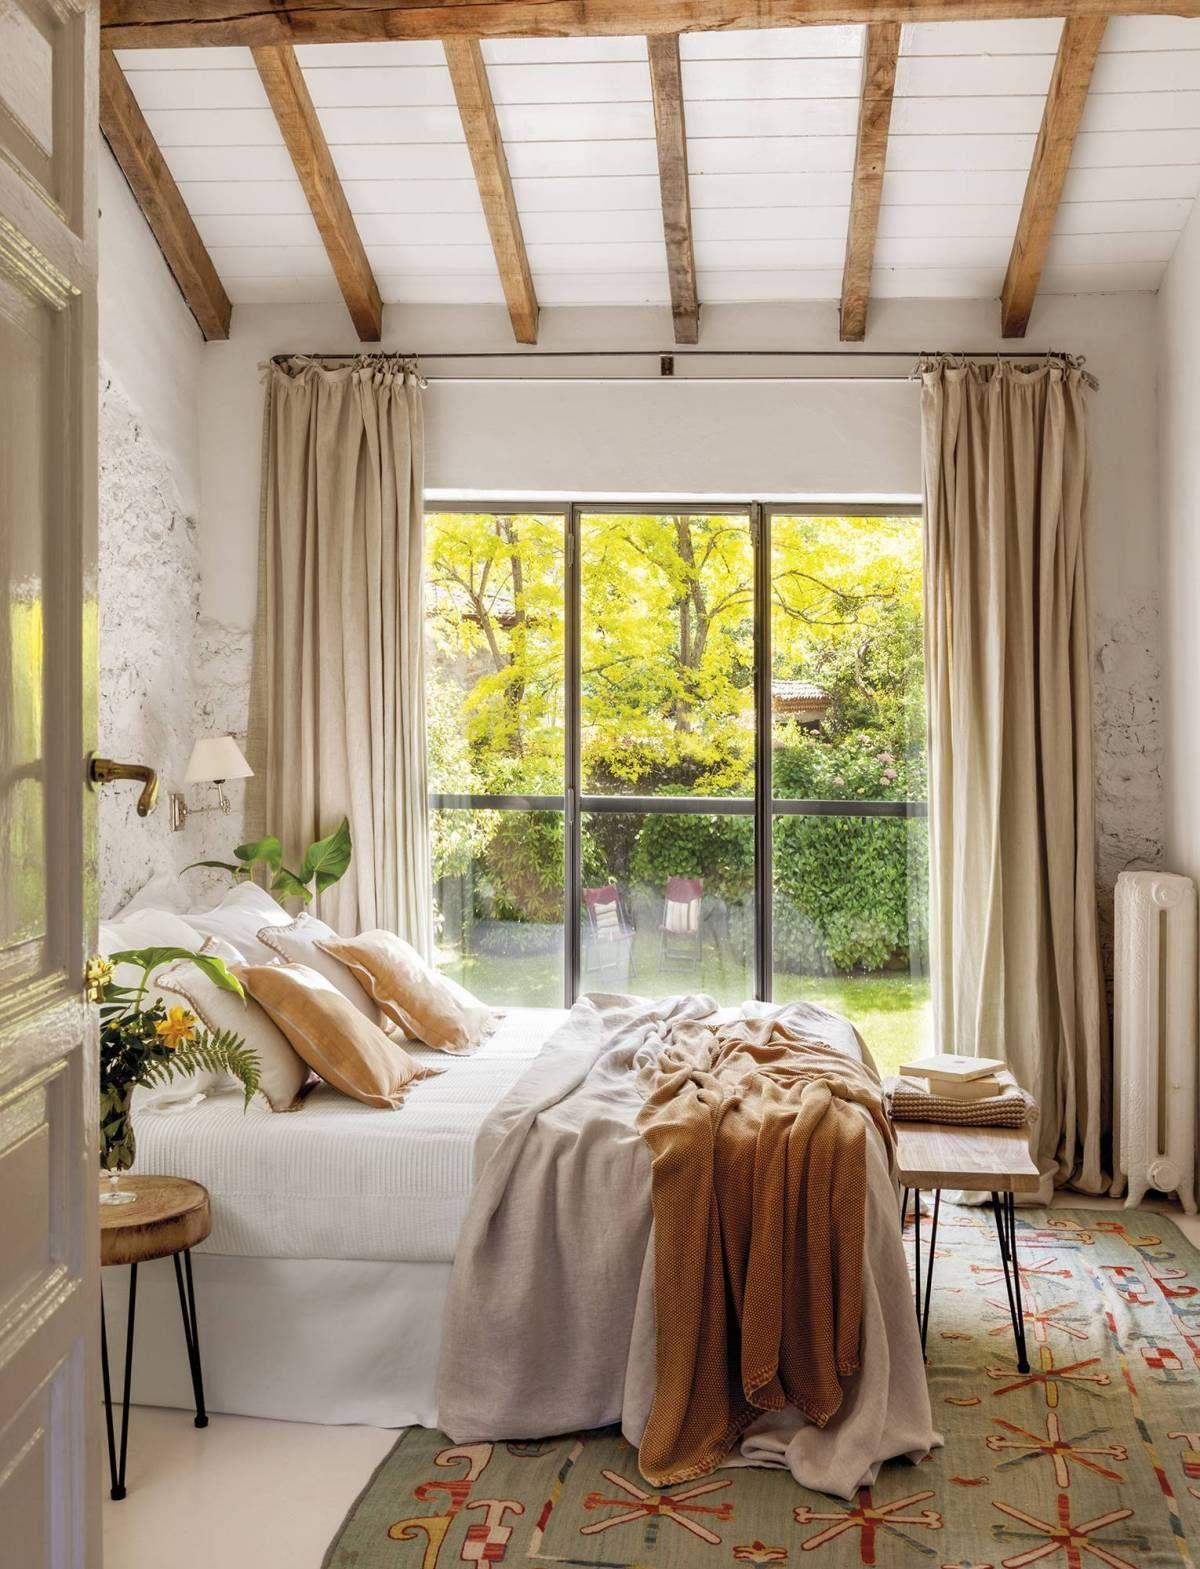 Cette Maison De Campagne Au Style Intemporel Etait Une Ancienne Ecurie Planete Deco A Homes World En 2020 Decoration Maison Deco D Interieur Bon Marche Interieur Maison De Campagne